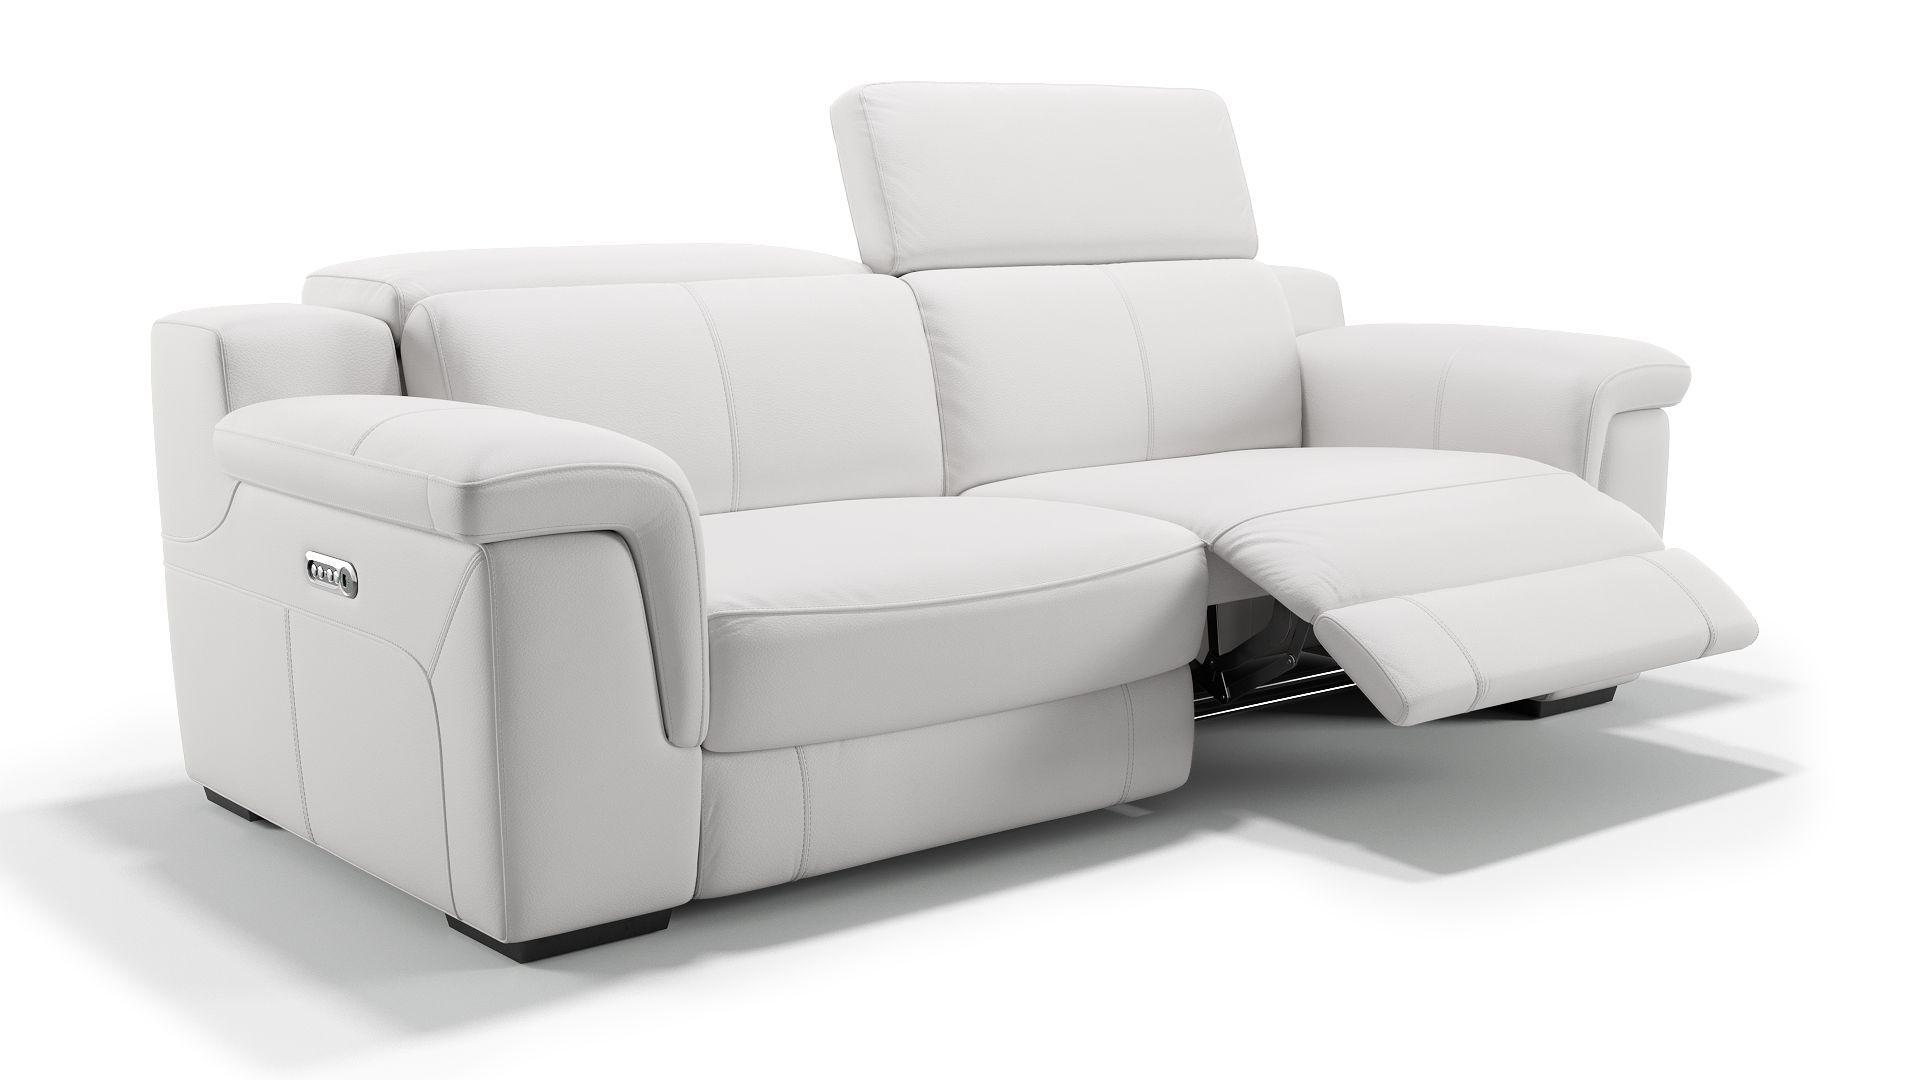 Entdecken Sie Das Hubsche Funktionssofa Stilo Bei Sofanella Die Wunderschone Ledercouch Ist Ein Relaxsofa Das Elektrisch Verstellbar Is Ledercouch Couch Sofa